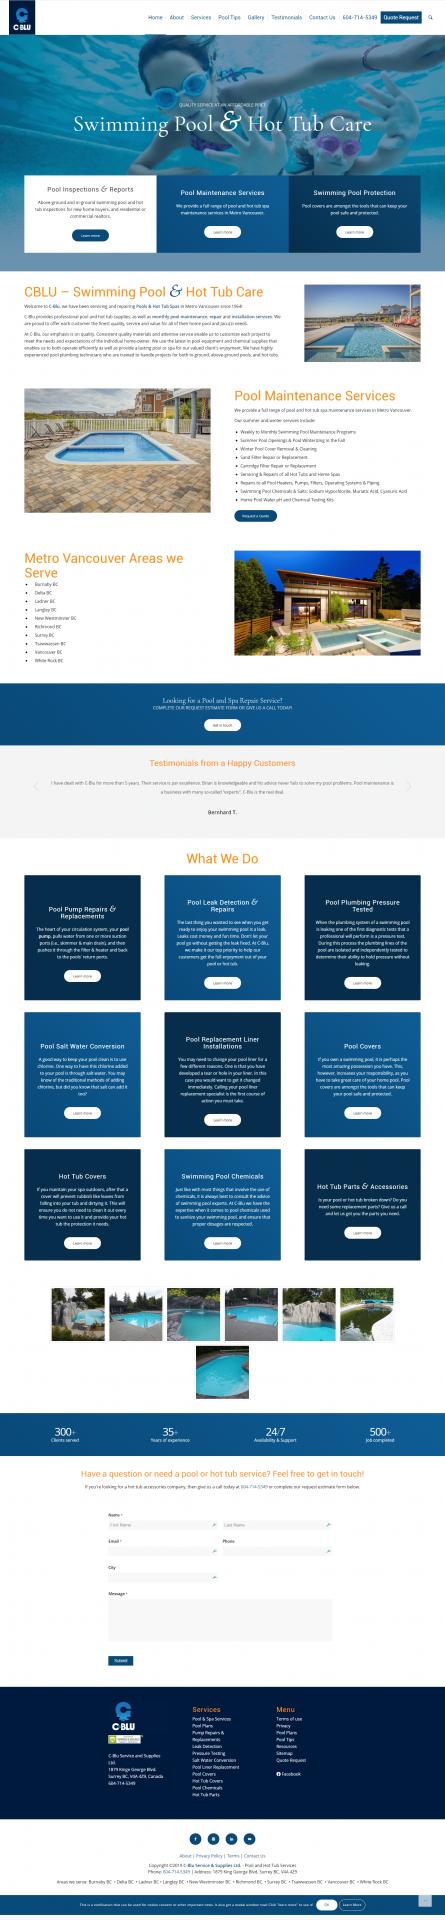 C-blu website layout graphic